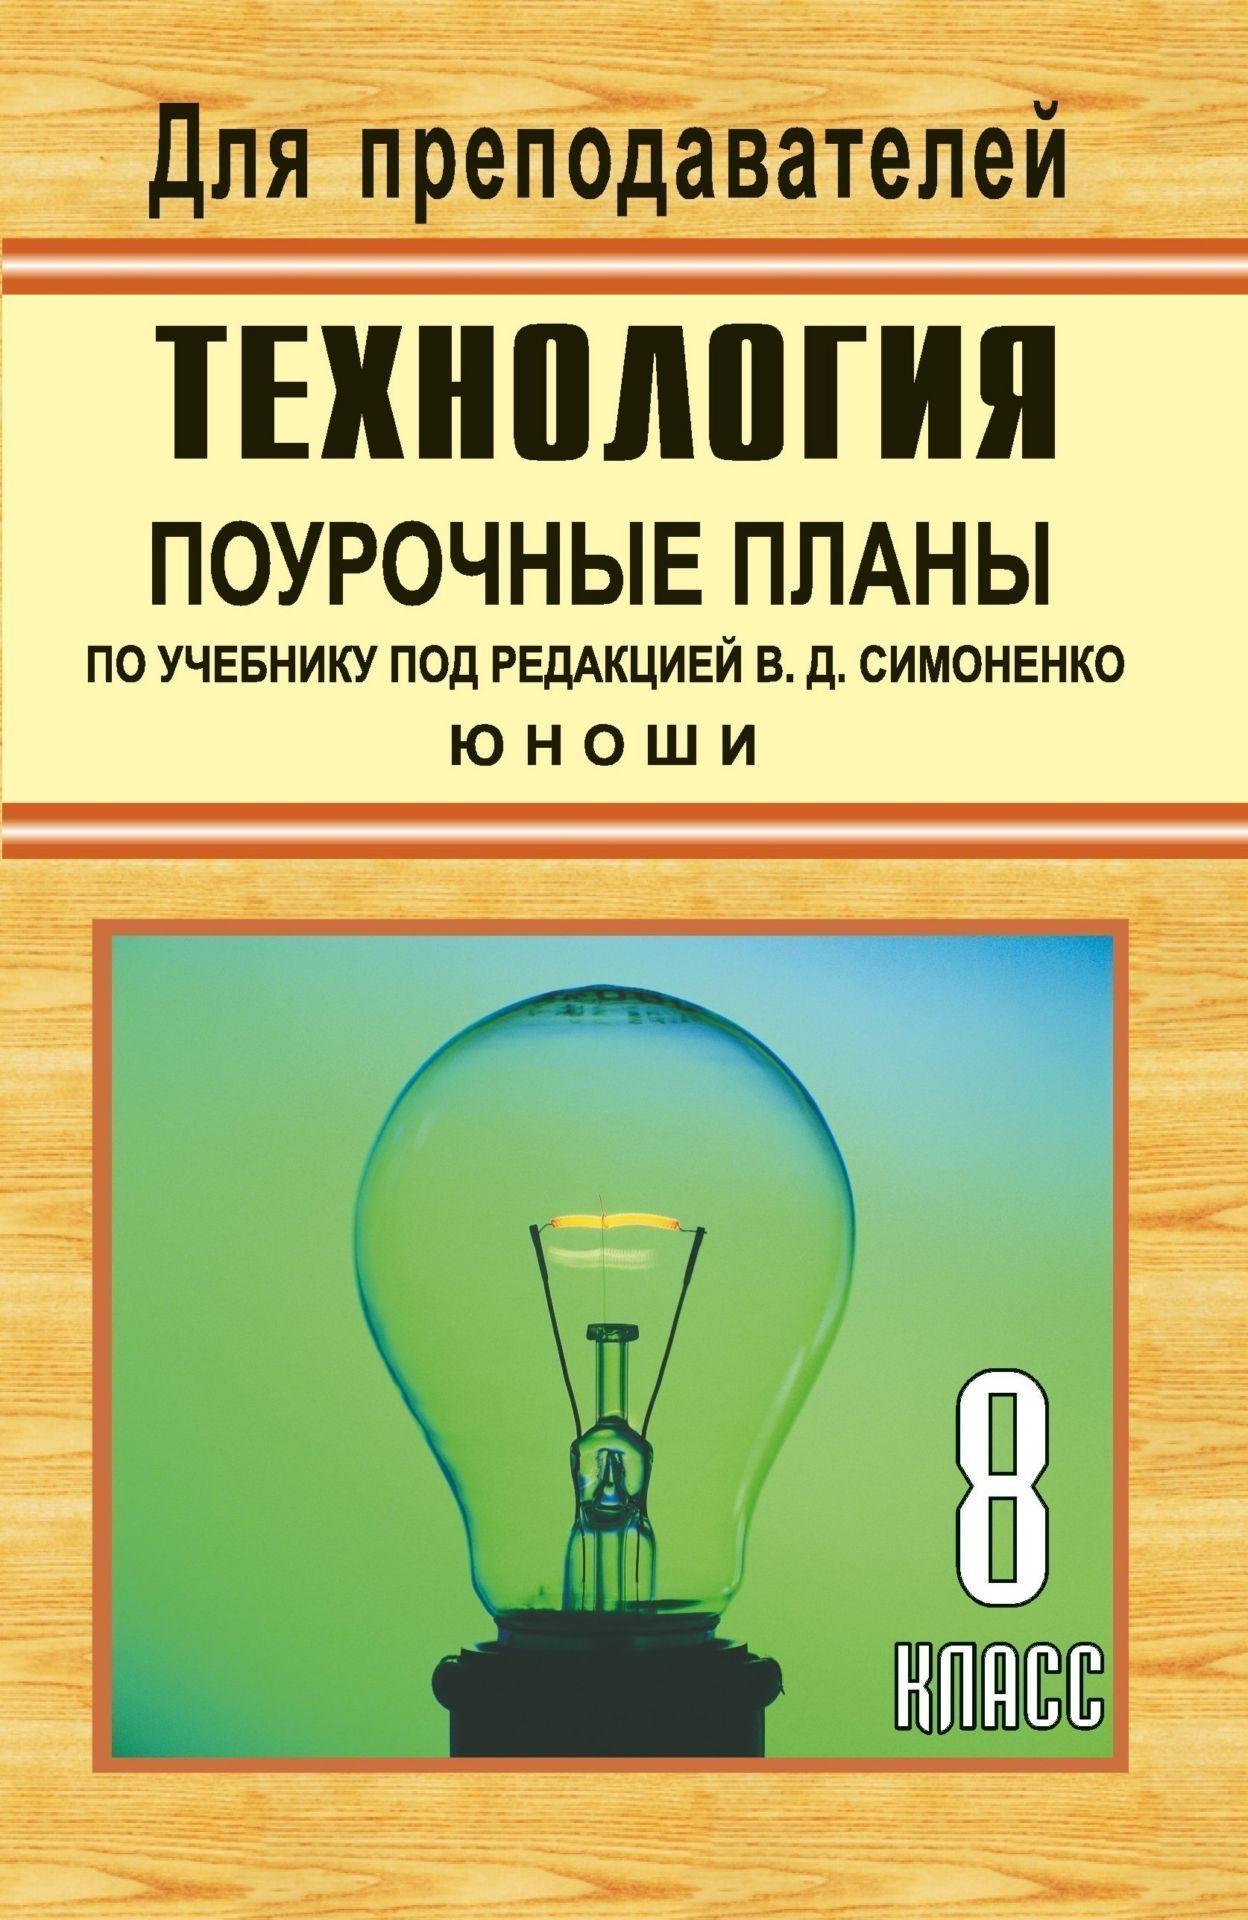 Технология. 8 кл. (юноши). Поурочные планы по уч. под ред. В. Д. СимоненкоПредметы<br>В данном пособии дается тематическое и поурочное планирование по технологии в 8 классе по учебнику под редакцией В. Д. Симоненко (юноши). Планы уроков составлены в соответствии с главной задачей курса: сформировать знания, а на их основе практические умен...<br><br>Авторы: Засядько Ю. П.<br>Год: 2007<br>Серия: Для преподавателей<br>ISBN: 5-7057-0739-8<br>Высота: 213<br>Ширина: 138<br>Толщина: 6